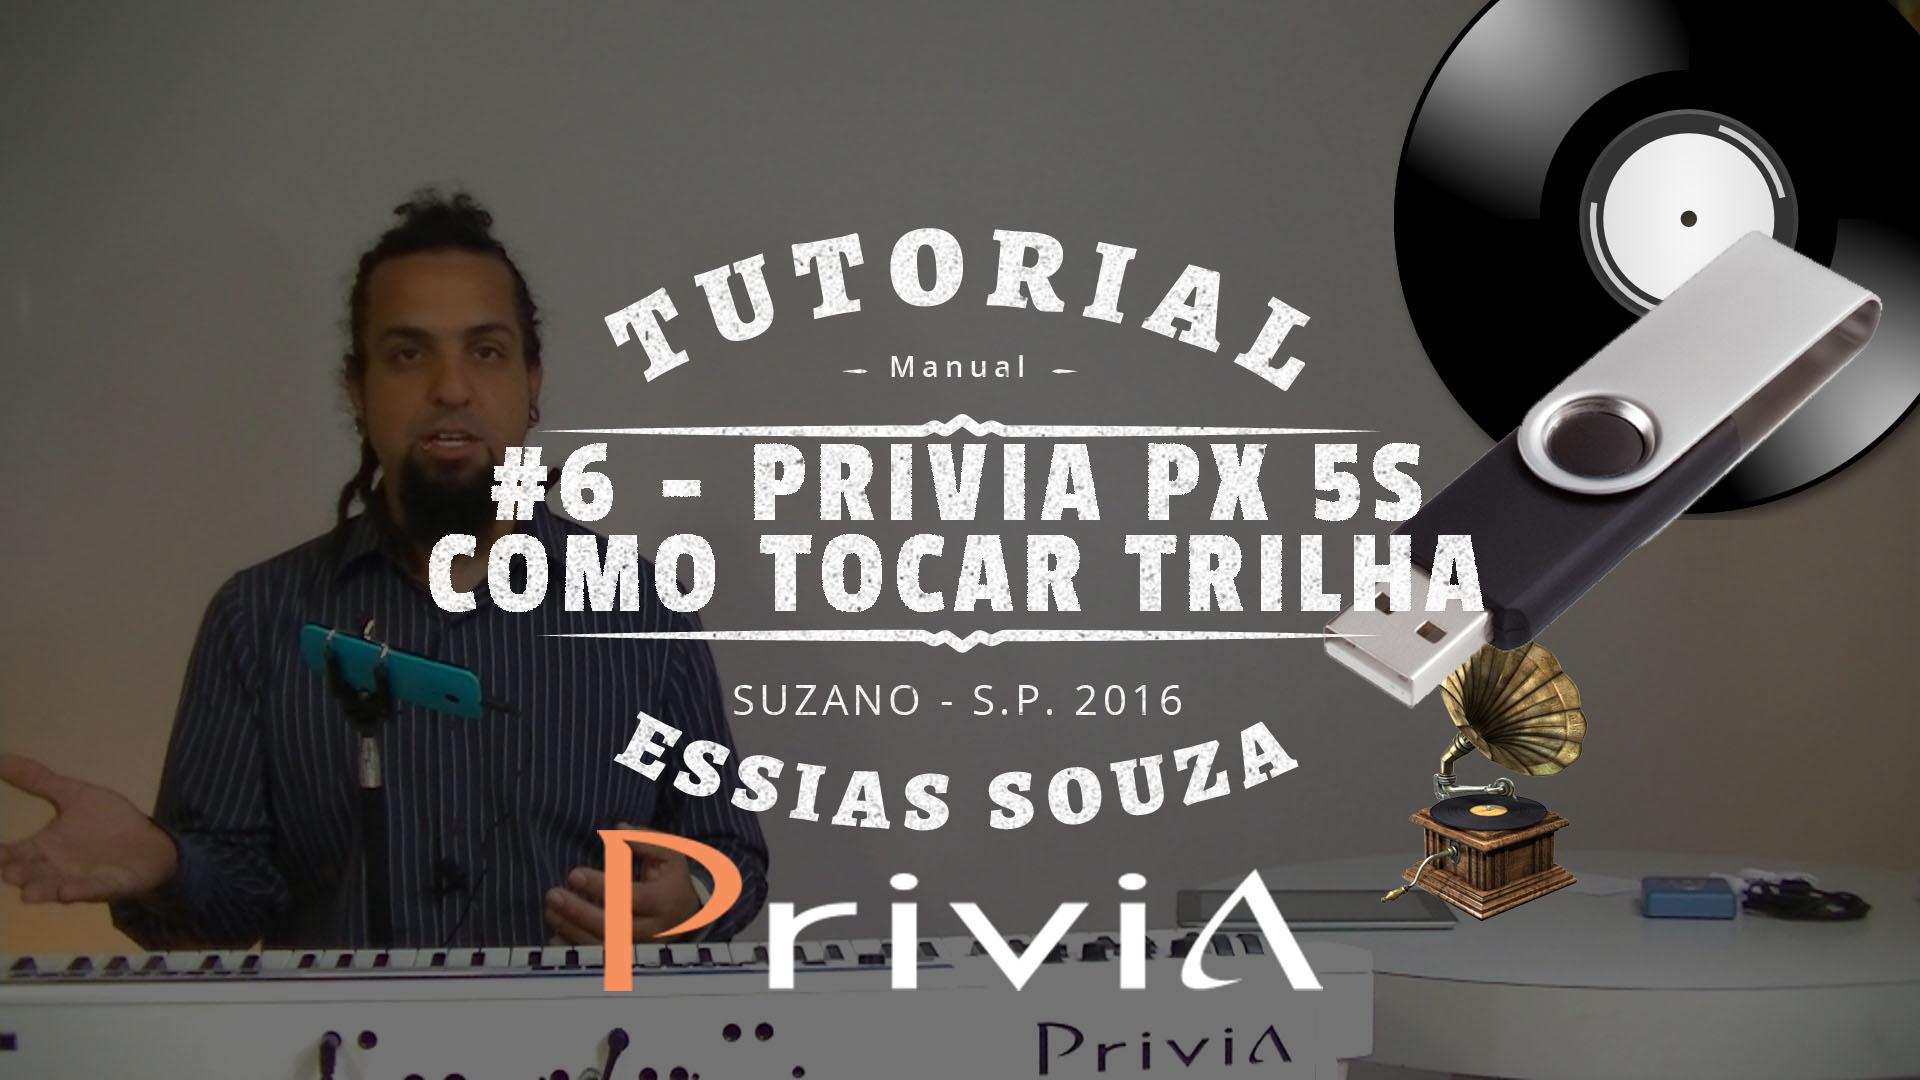 Tutorial Casio Privia PX 5S #6 – Como Tocar Uma Trilha No Privia PX 5S